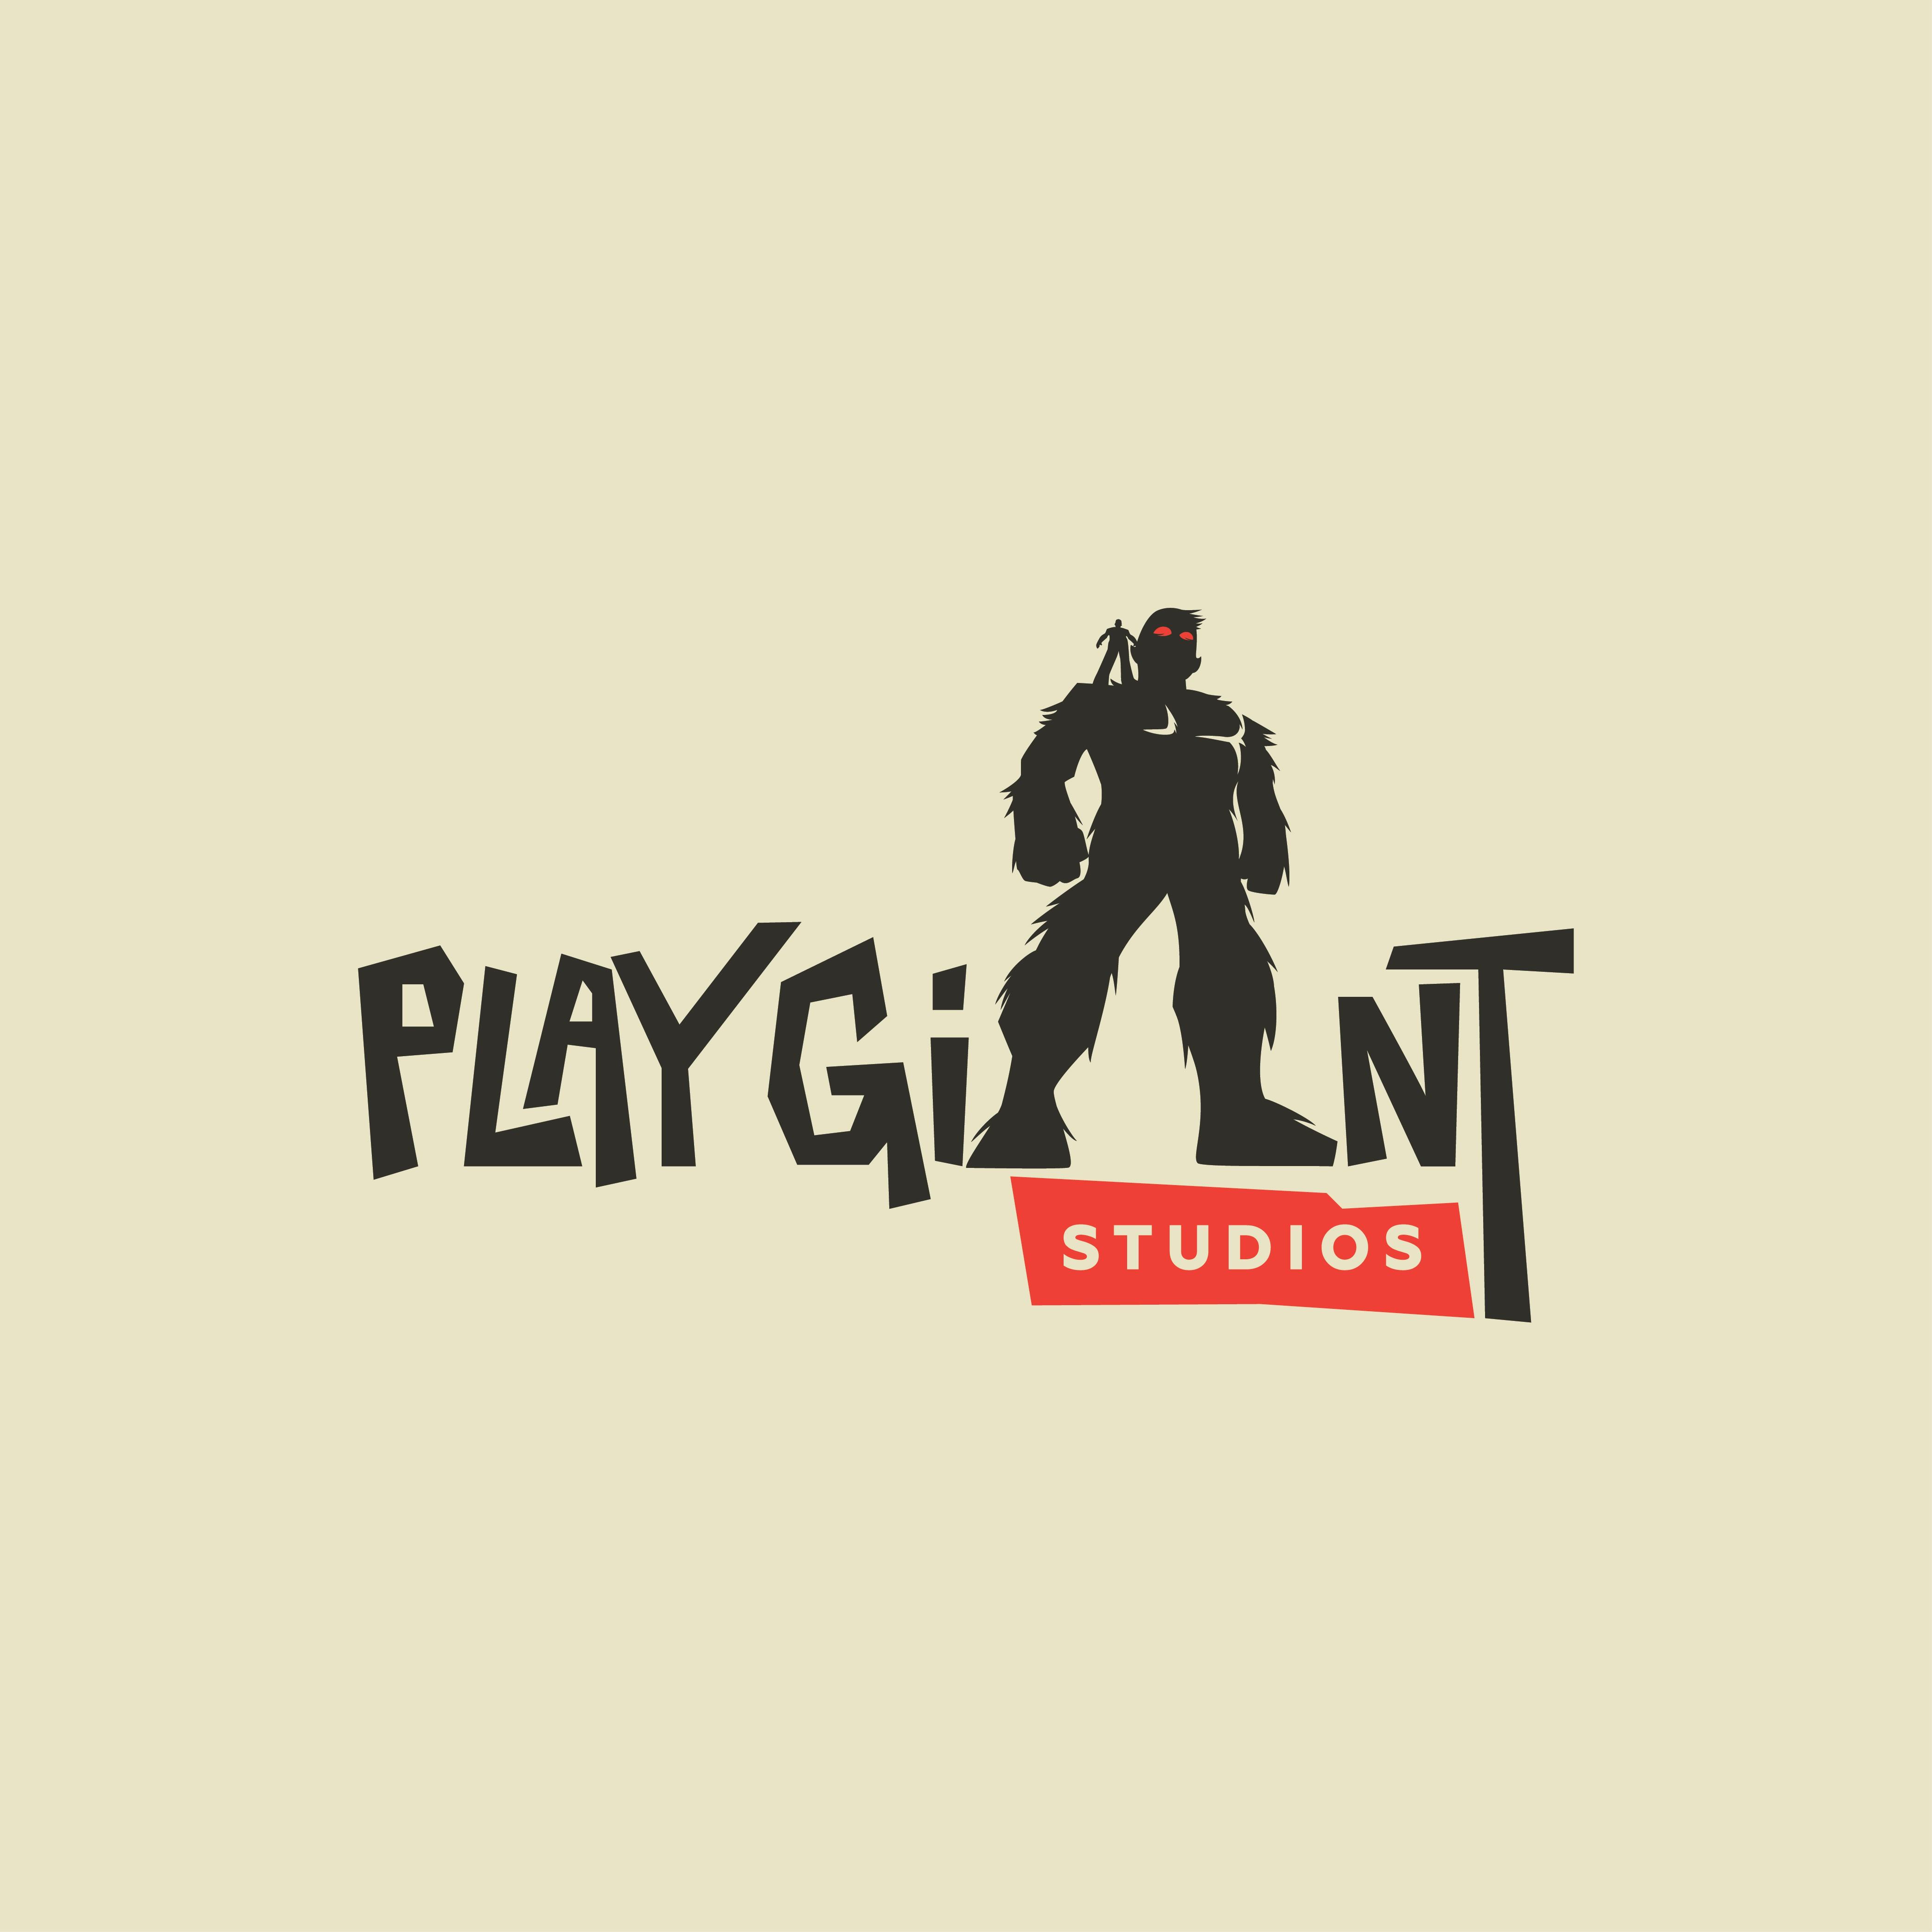 Design a creative logo for a video game studio